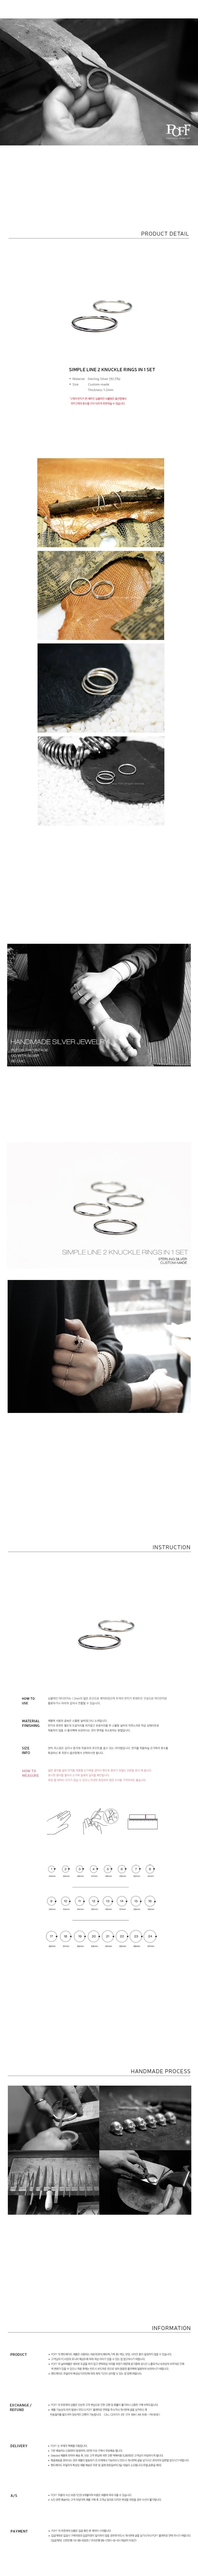 포프(POFF) SIMPLE LINE 2 KNUCKLE RINGS IN 1 SET_SILVER